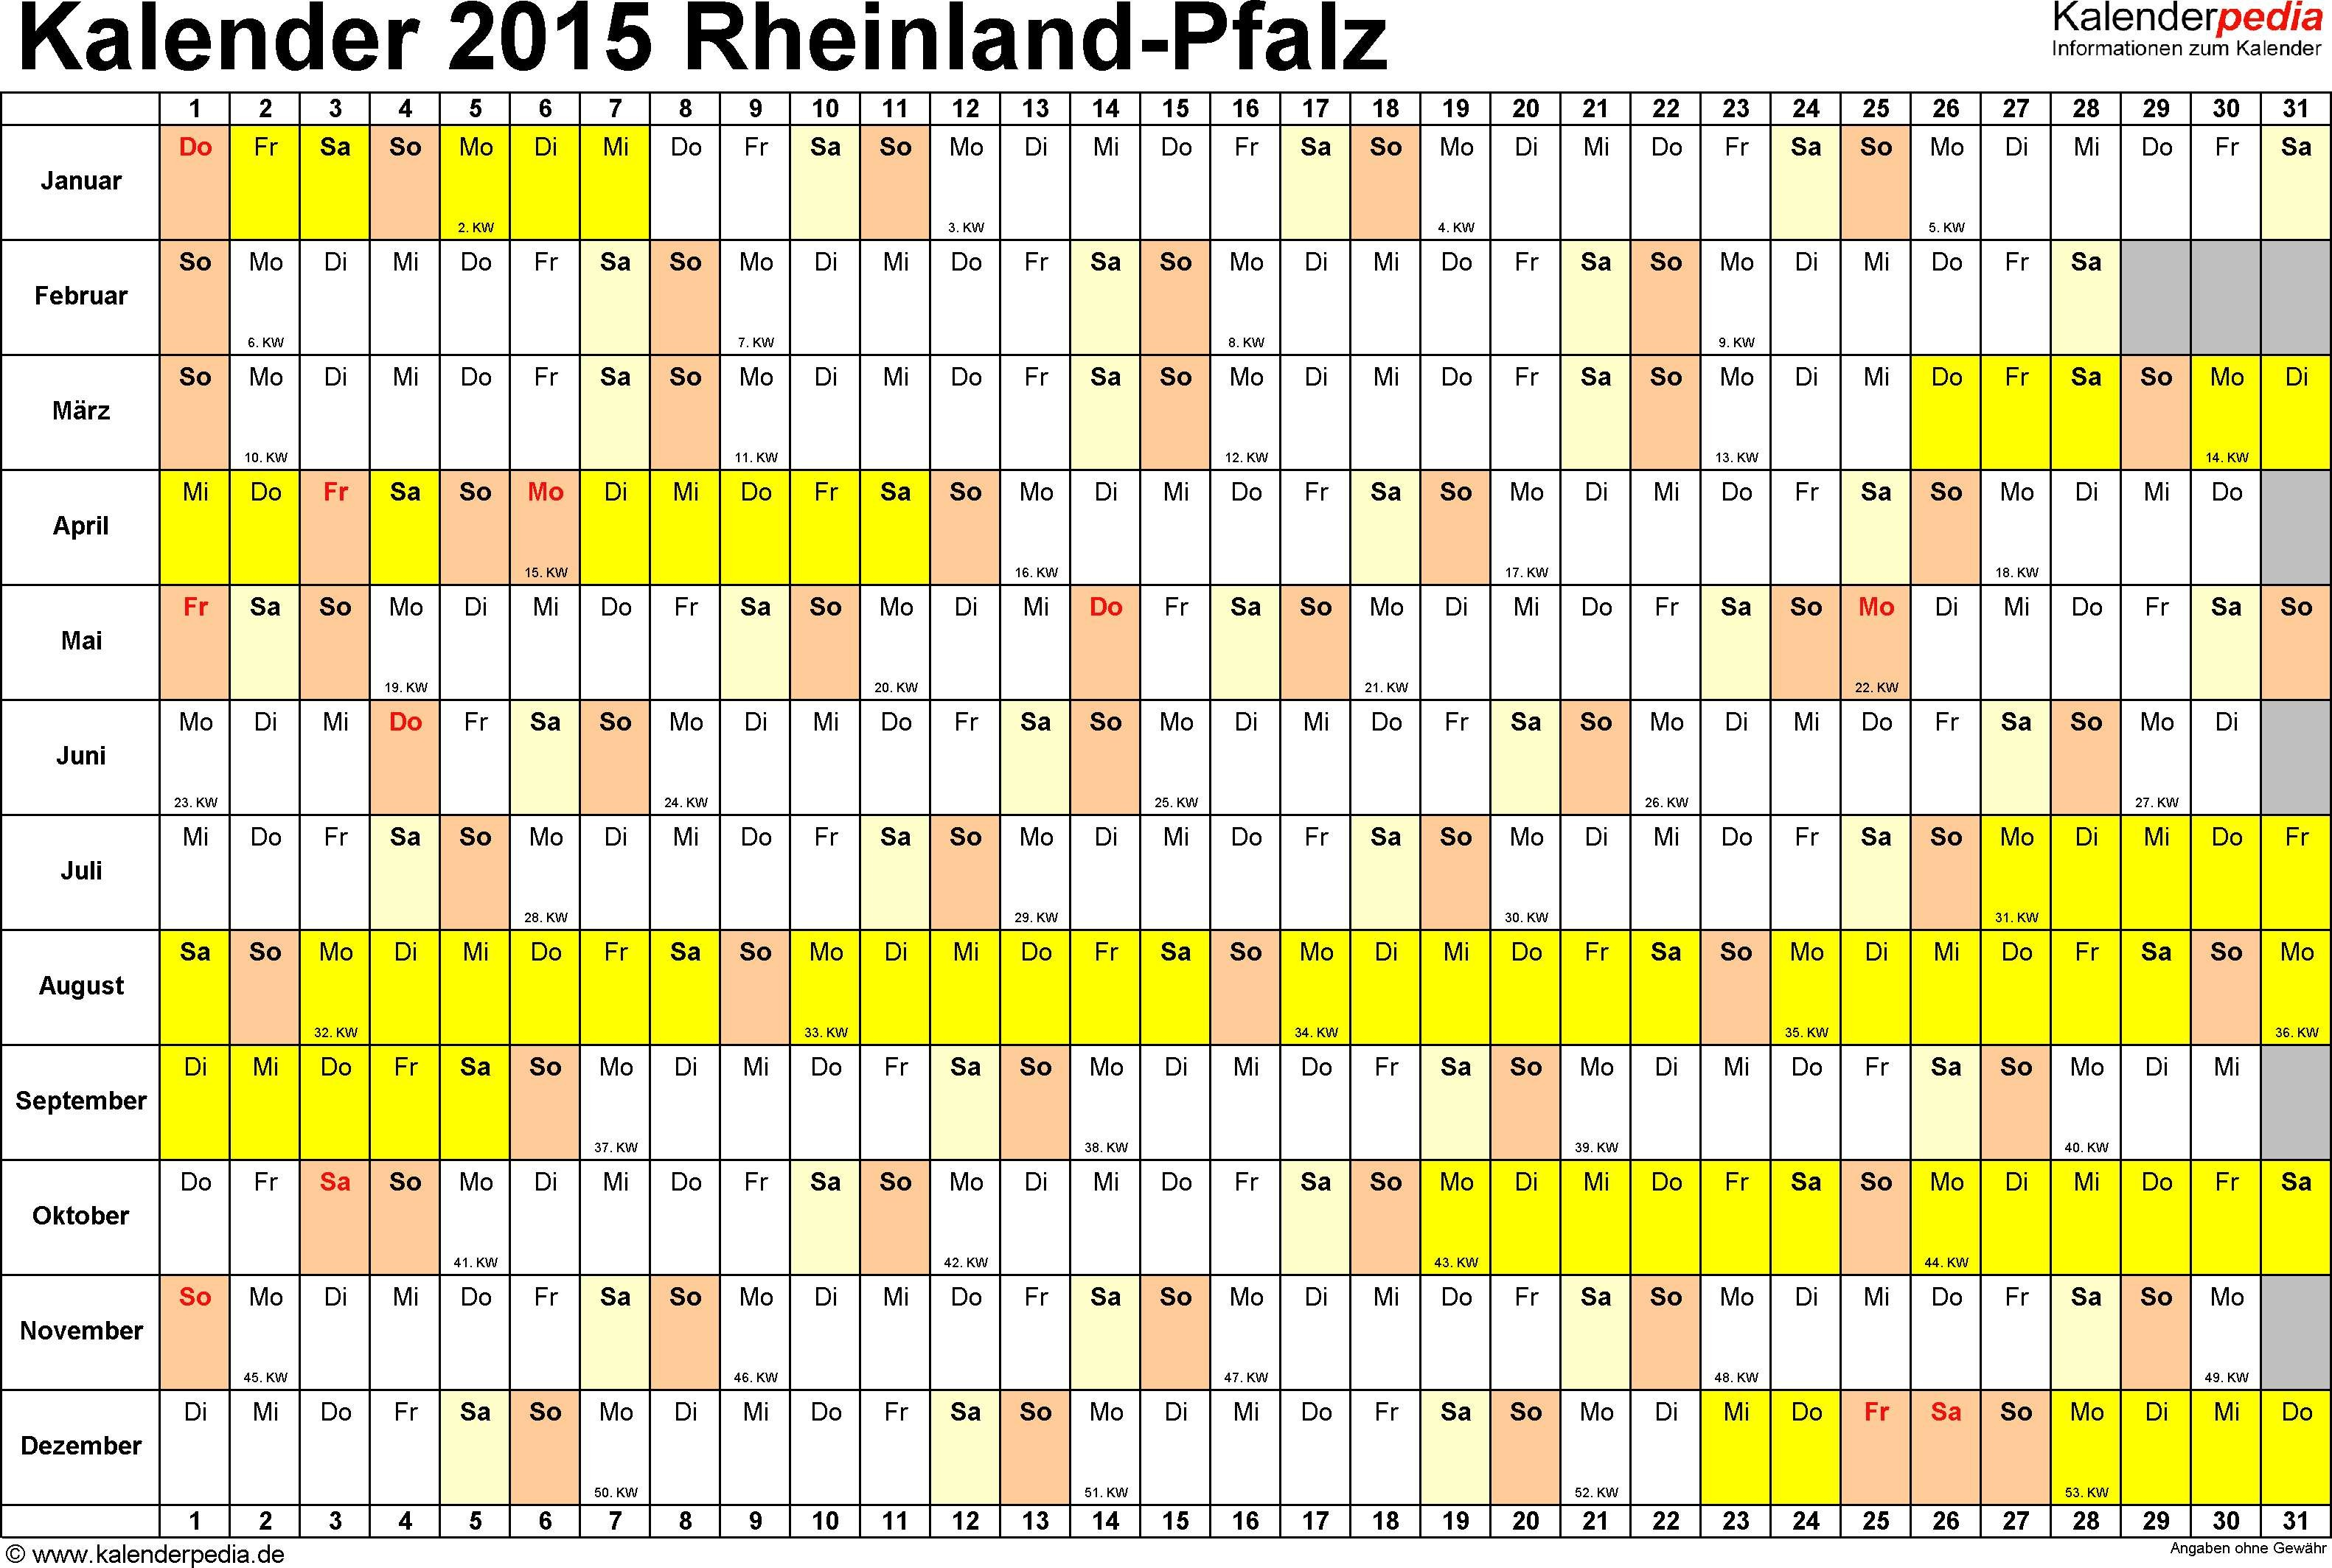 Kalender 2019 Excel Rheinland-pfalz Recientes 32 Elegant Ferien Weihnachten 2017 Grafik Of Kalender 2019 Excel Rheinland-pfalz Recientes Primaer E Mail Bewerbung Betreff Muster